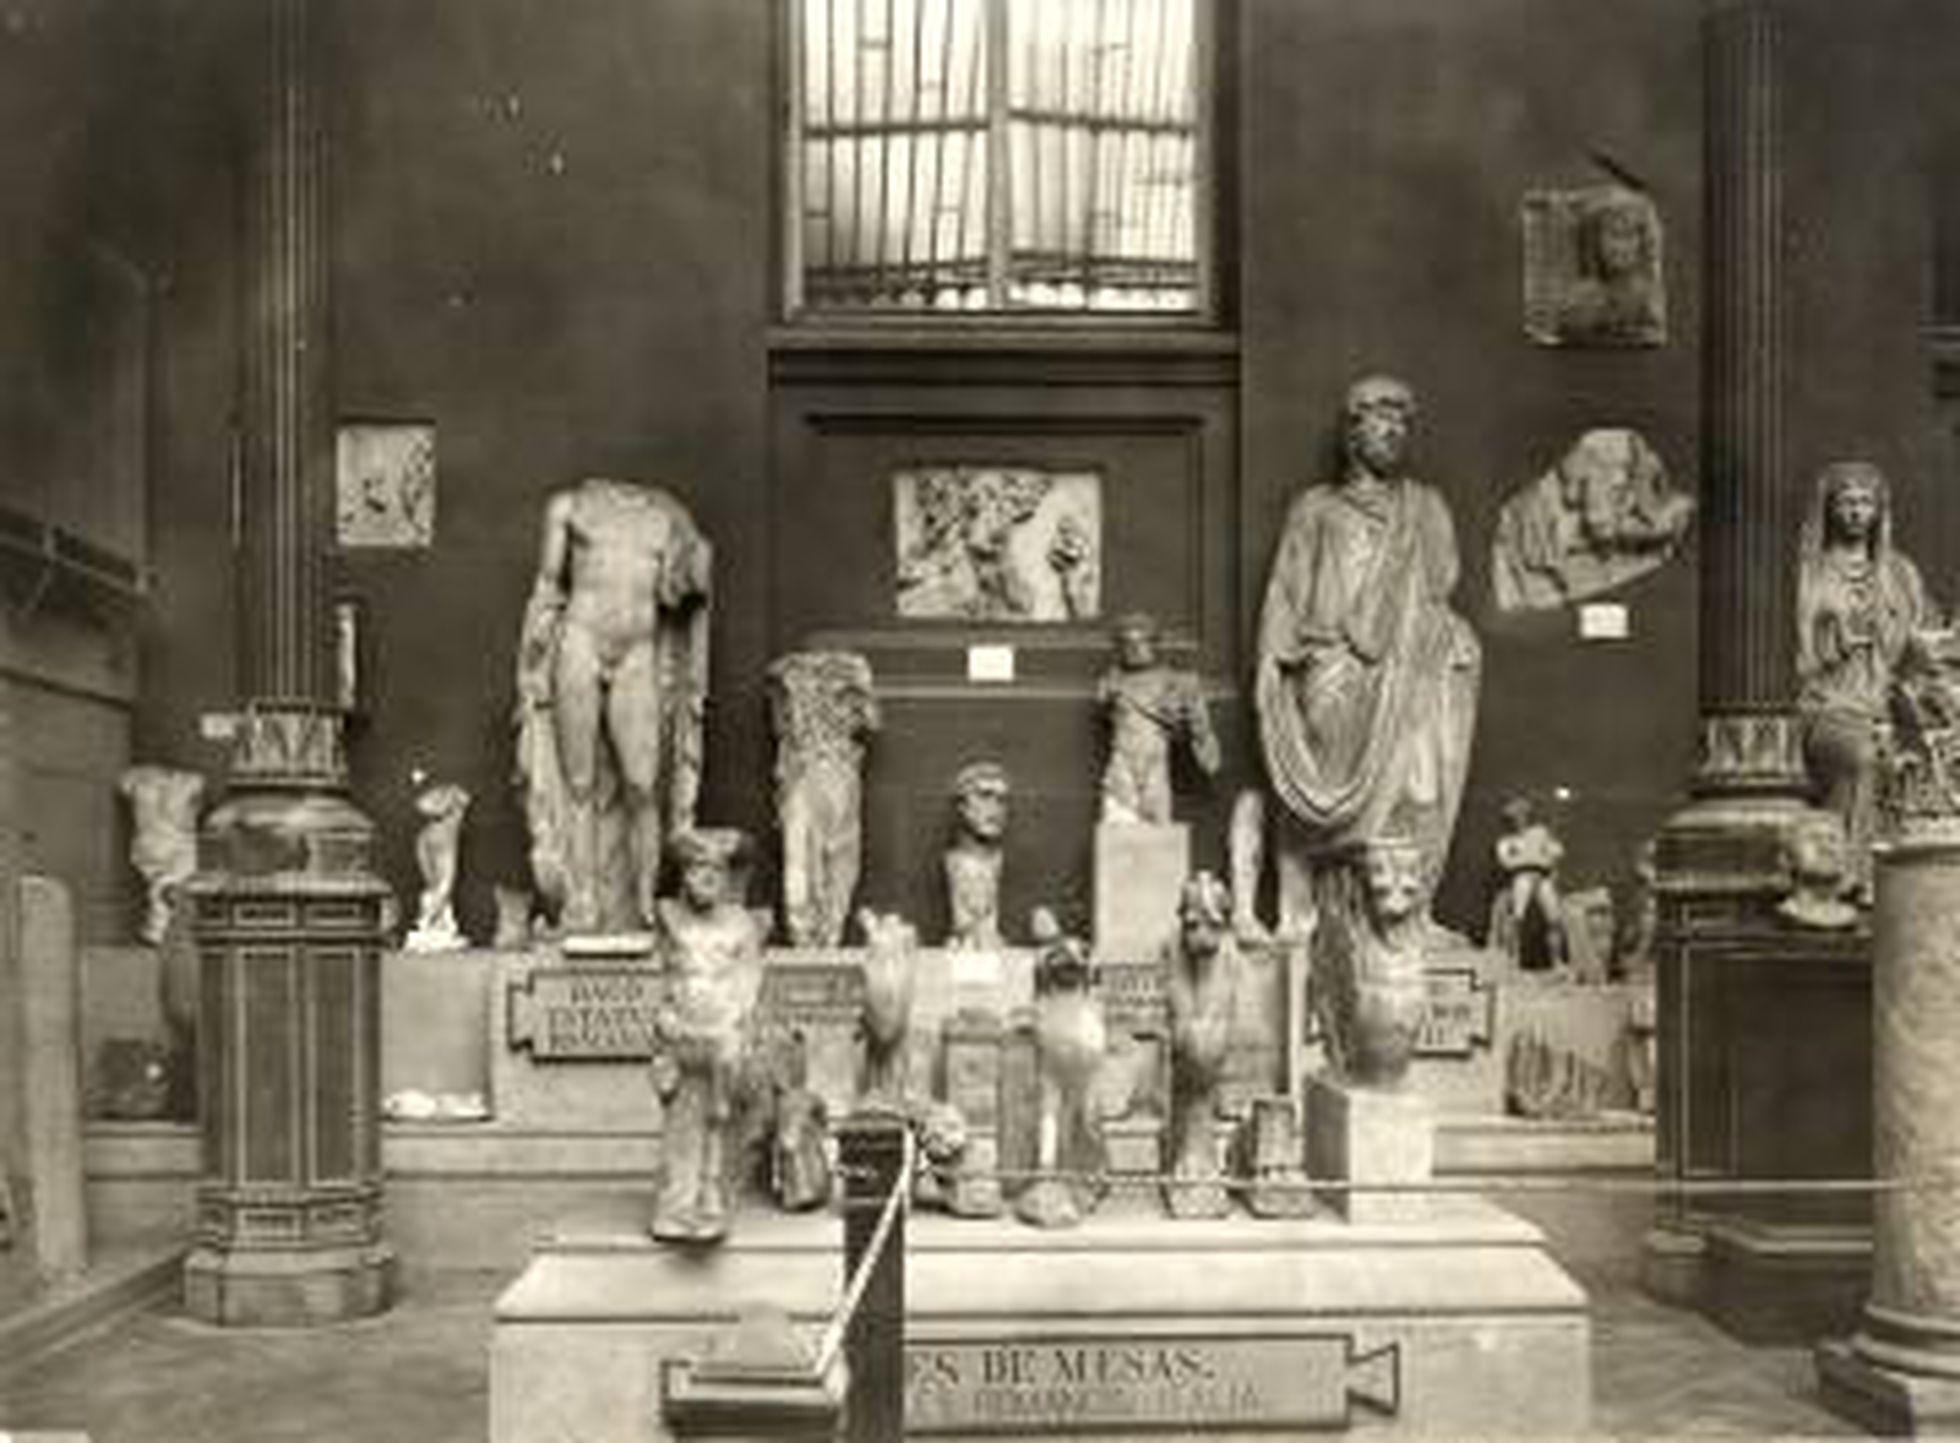 Museo Arqueológico Nacional en una imagen de 1917.